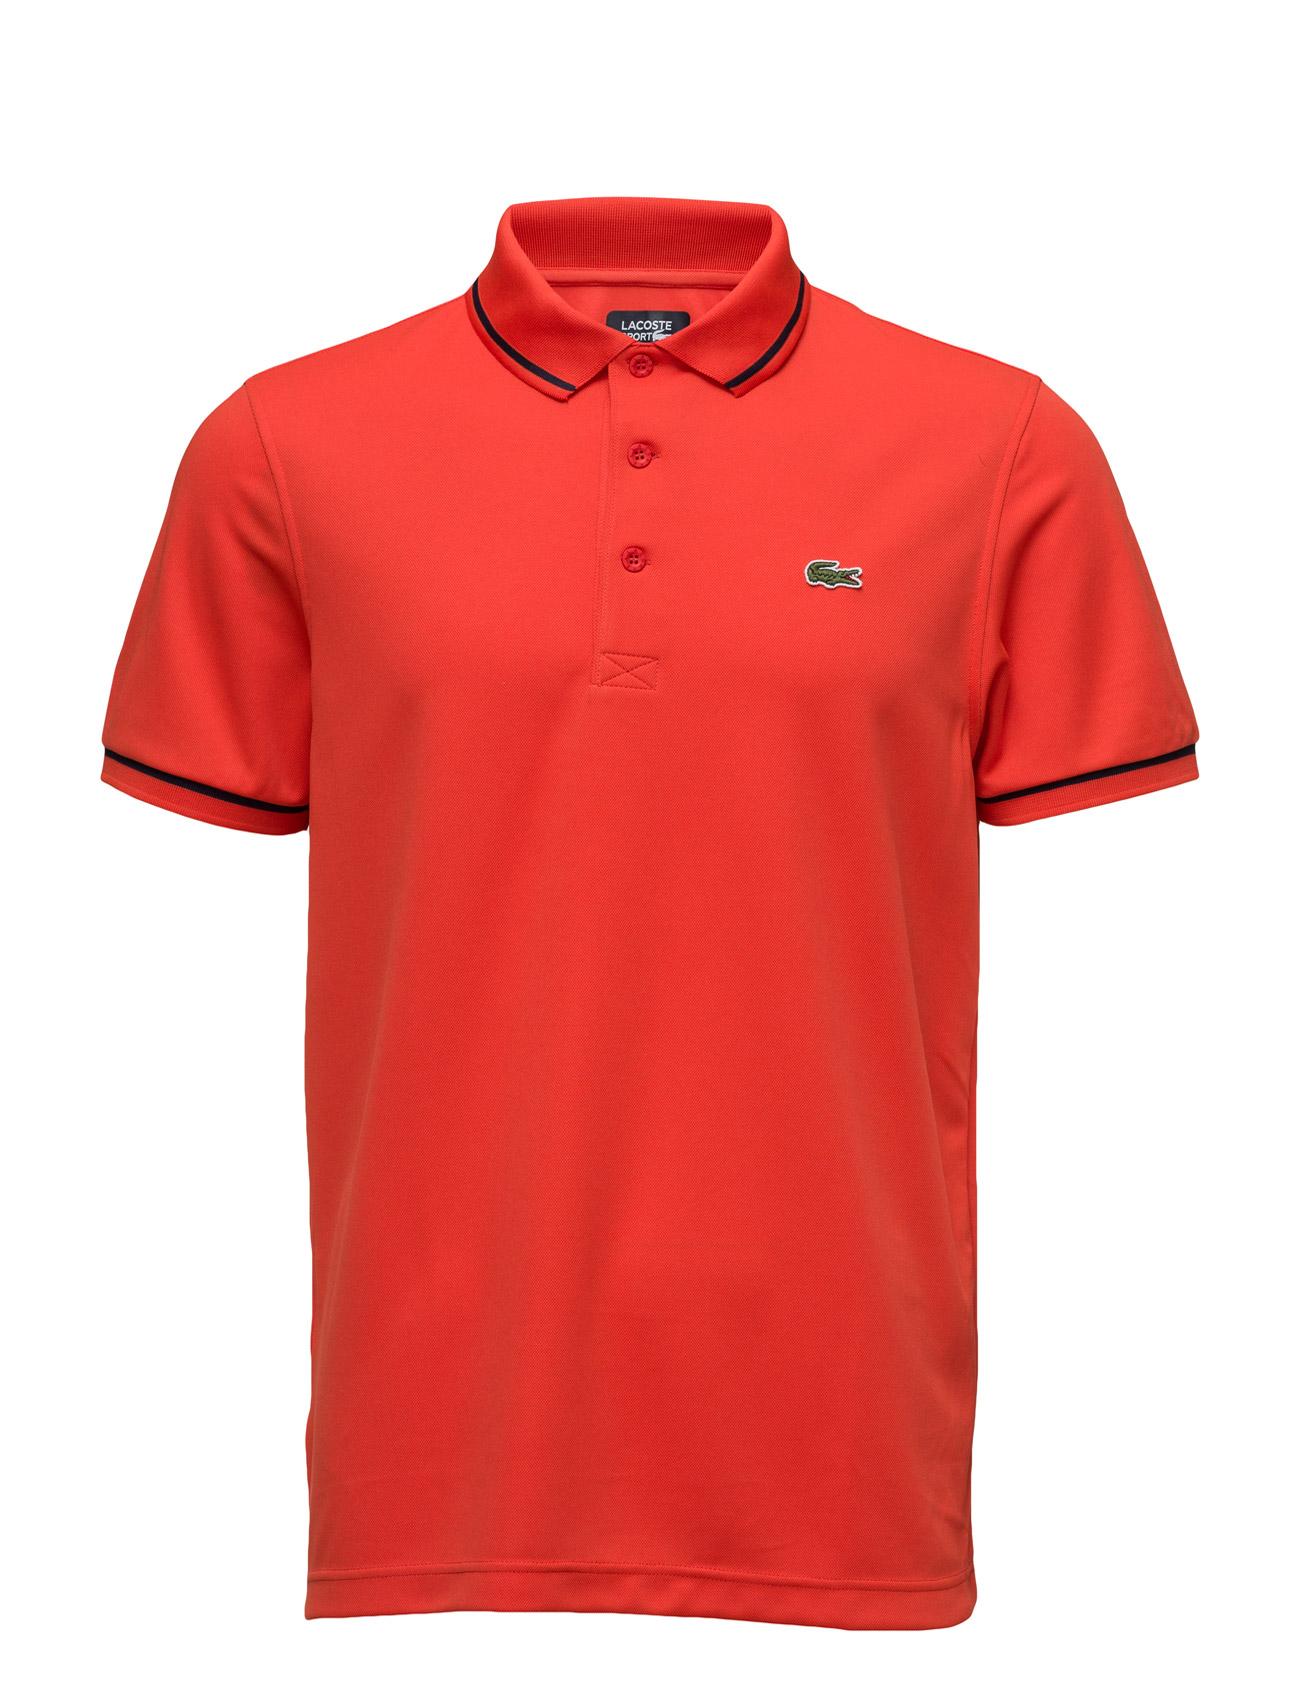 Polos Lacoste Kortærmede polo t-shirts til Herrer i